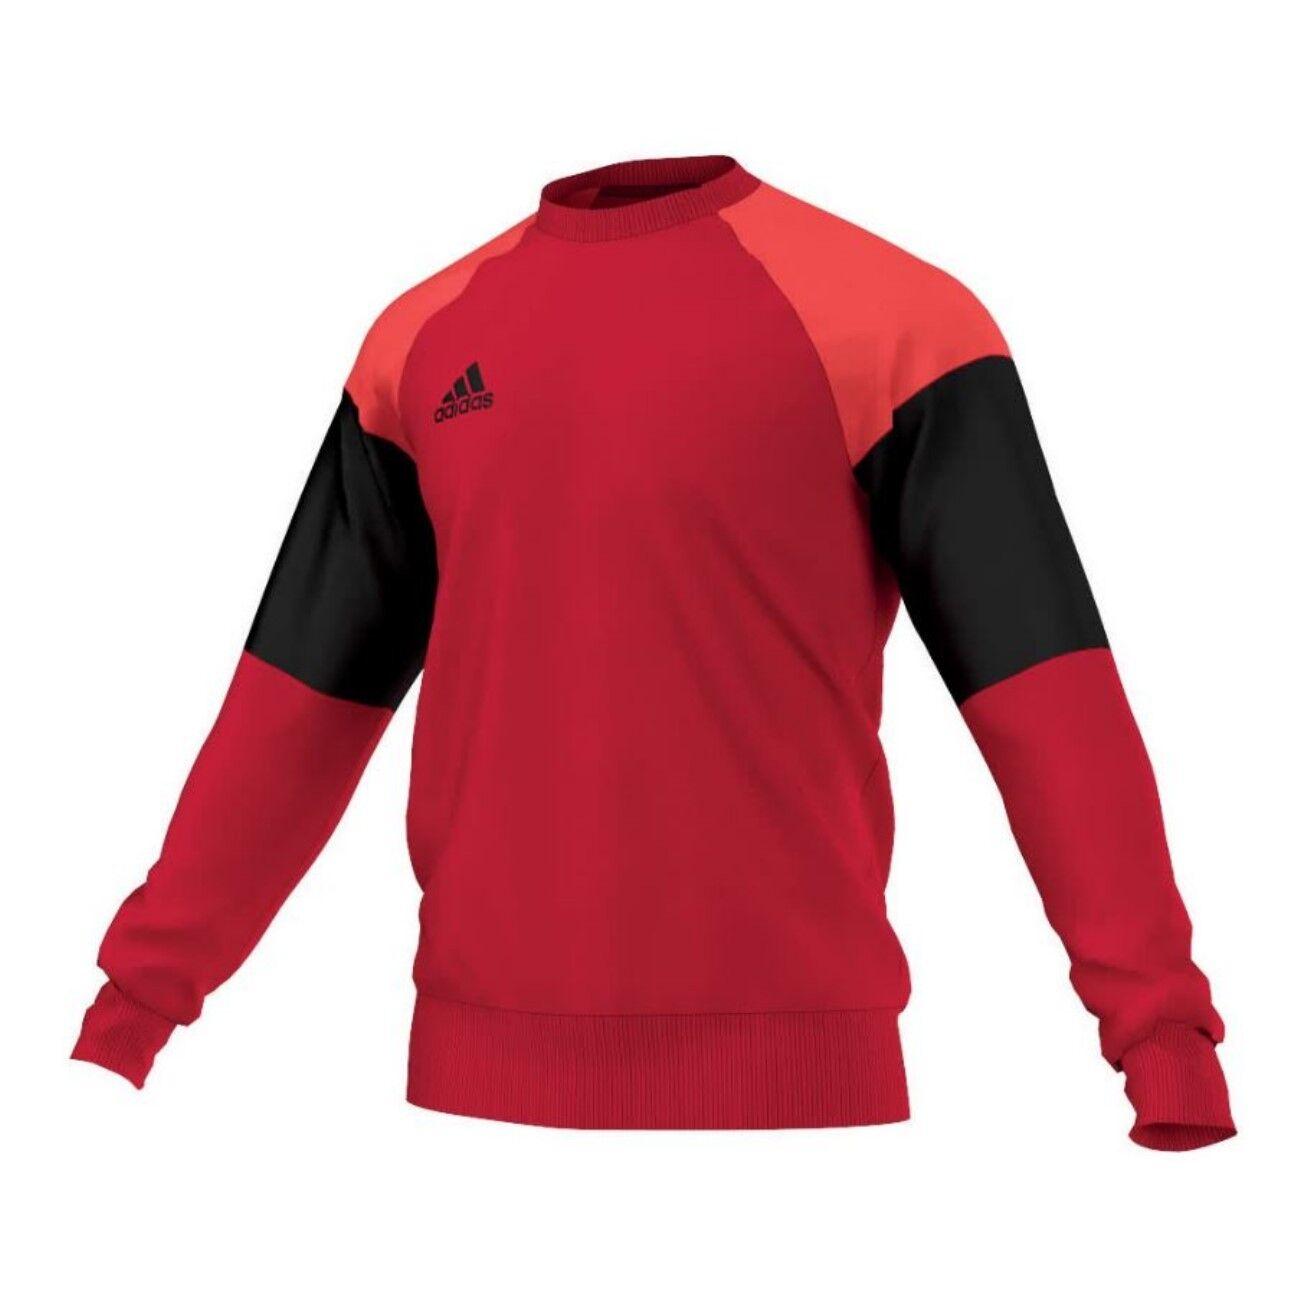 Adidas Adidas Adidas Herren Pullover Sweatshirt aus Baumwolle für Herren a71e86